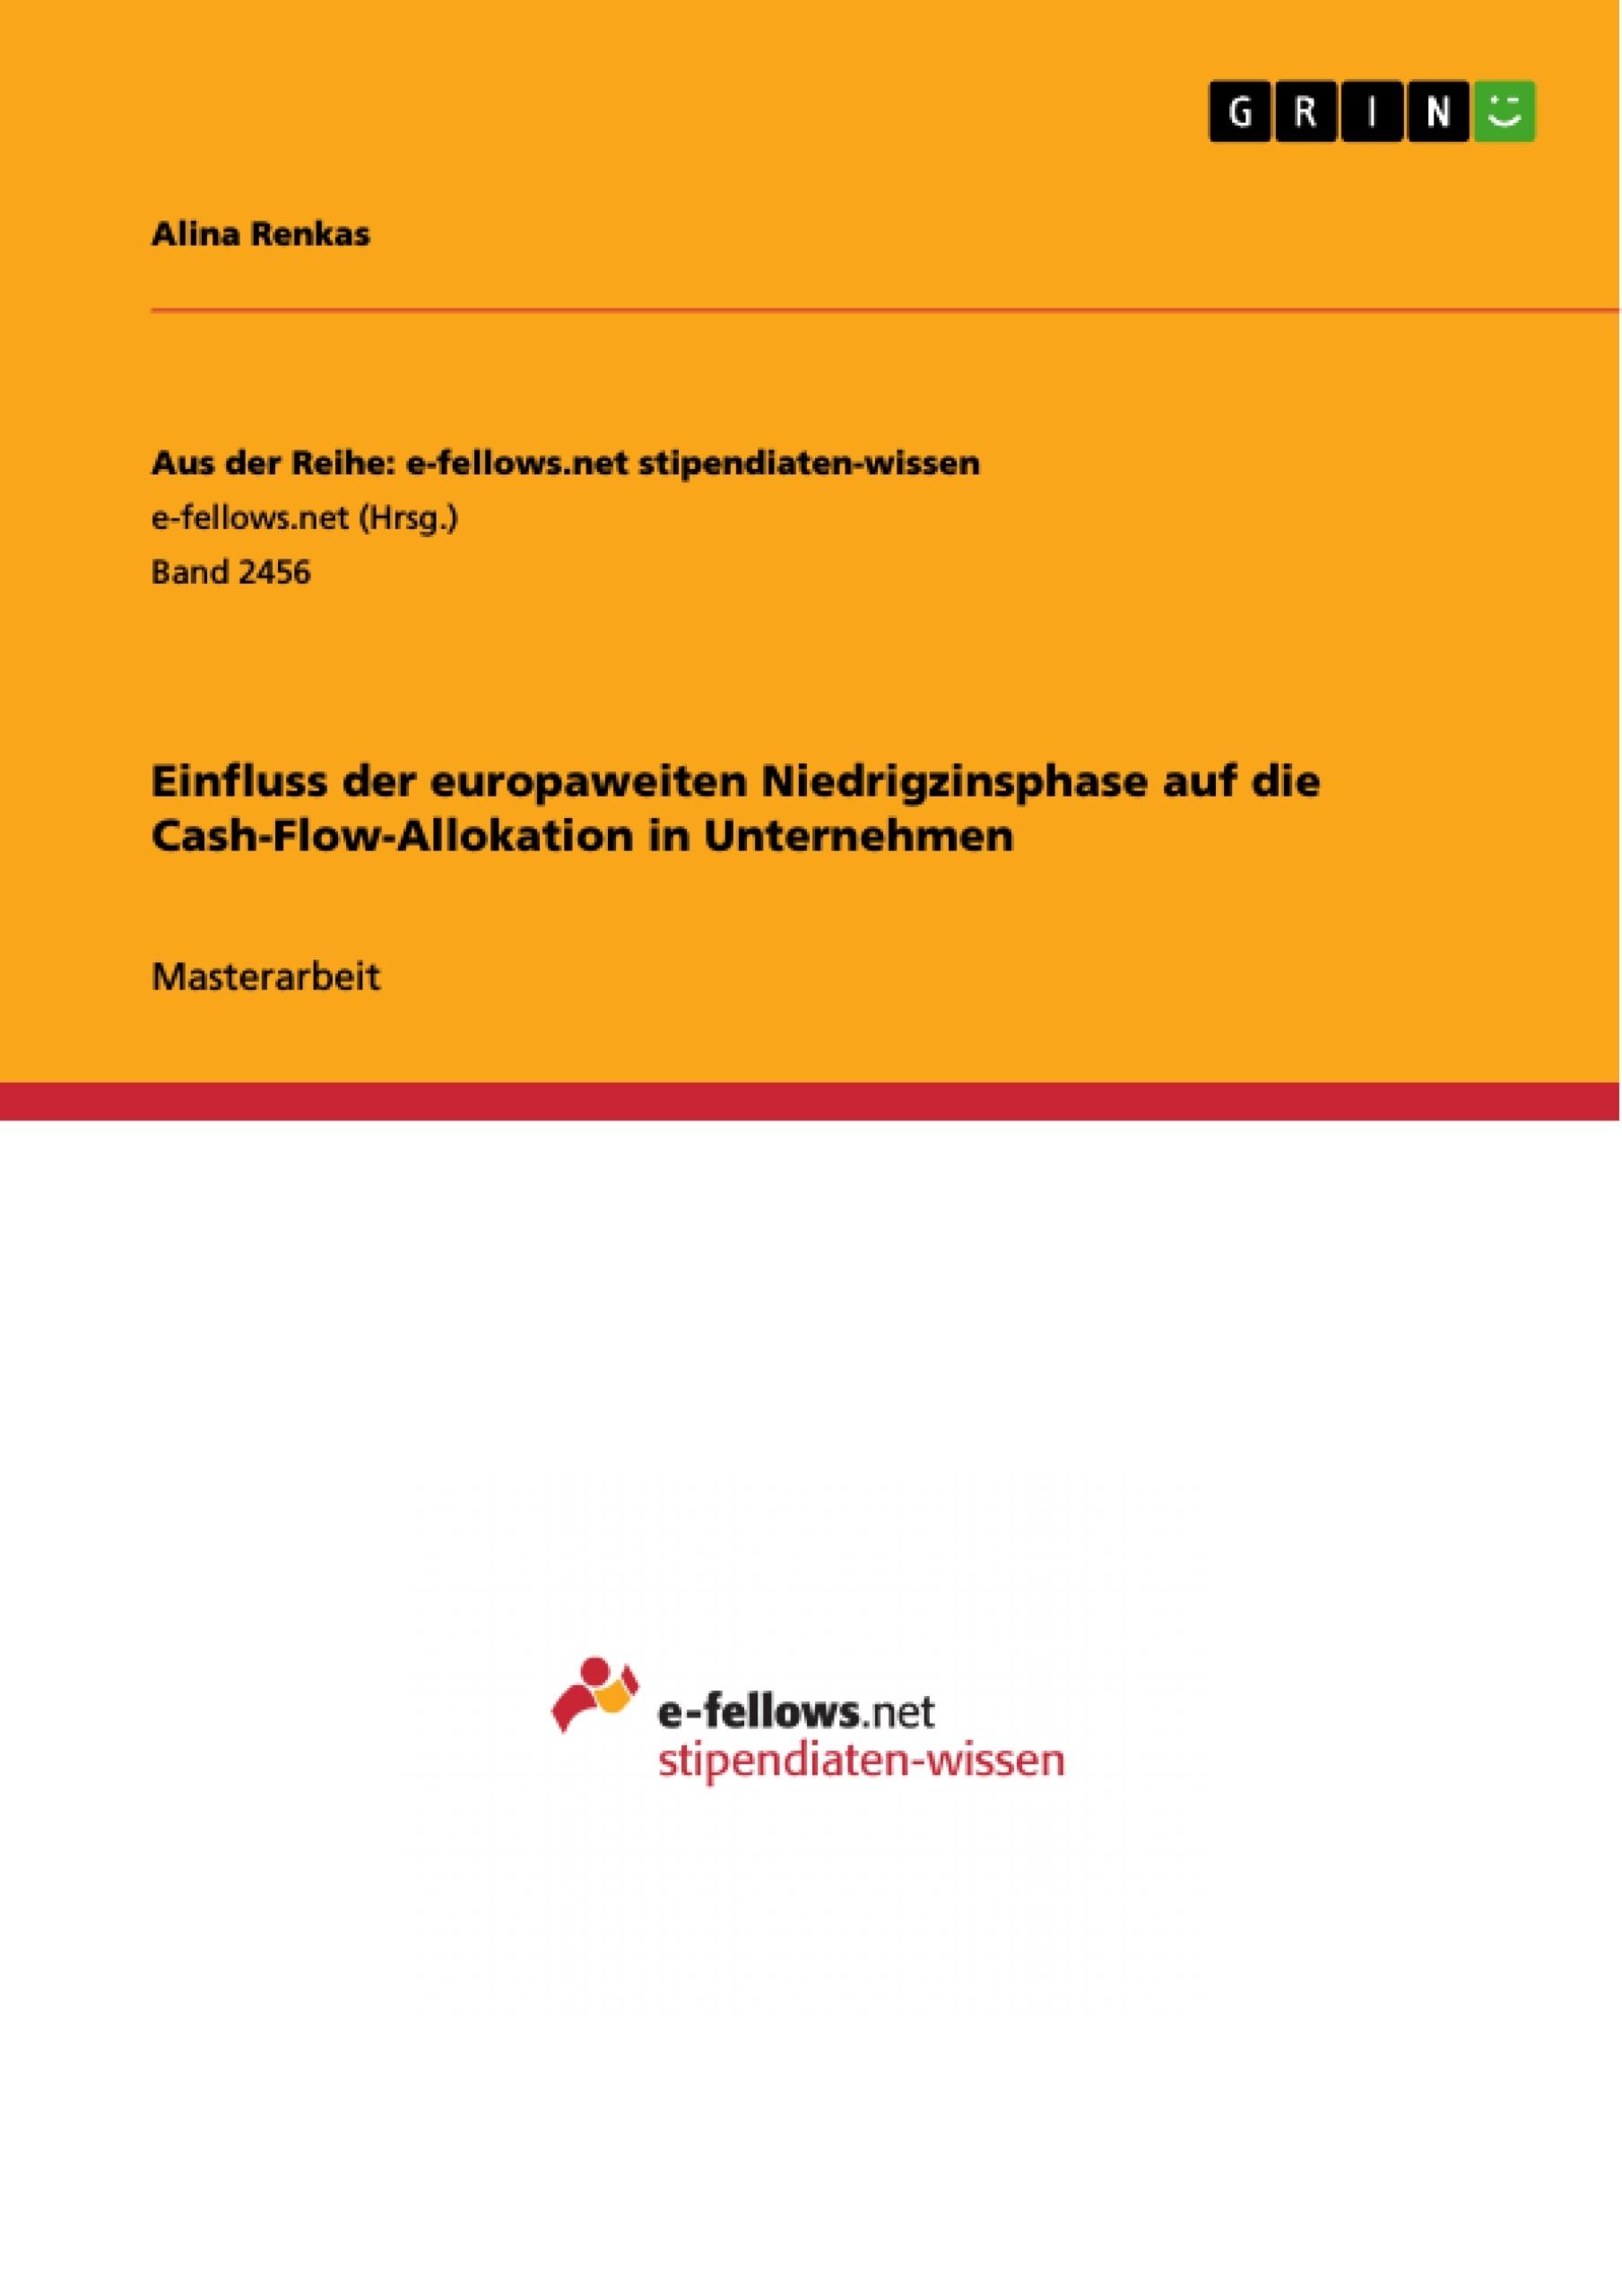 Titel: Einfluss der europaweiten Niedrigzinsphase auf die Cash-Flow-Allokation in Unternehmen